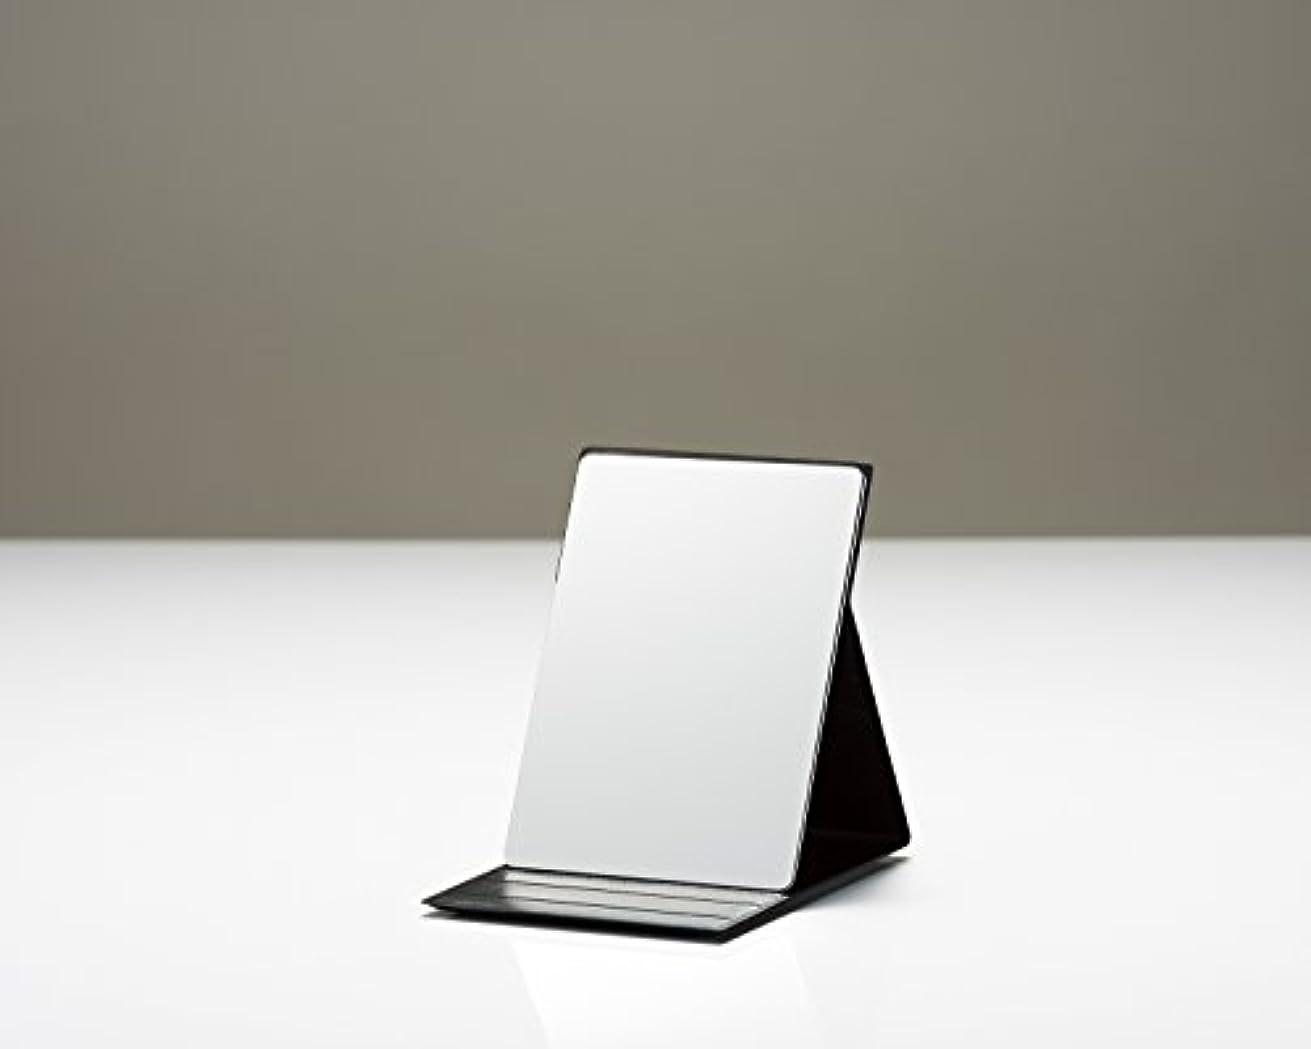 のぞき見別々に品揃え割れないミラー いきいきミラー折立(M)